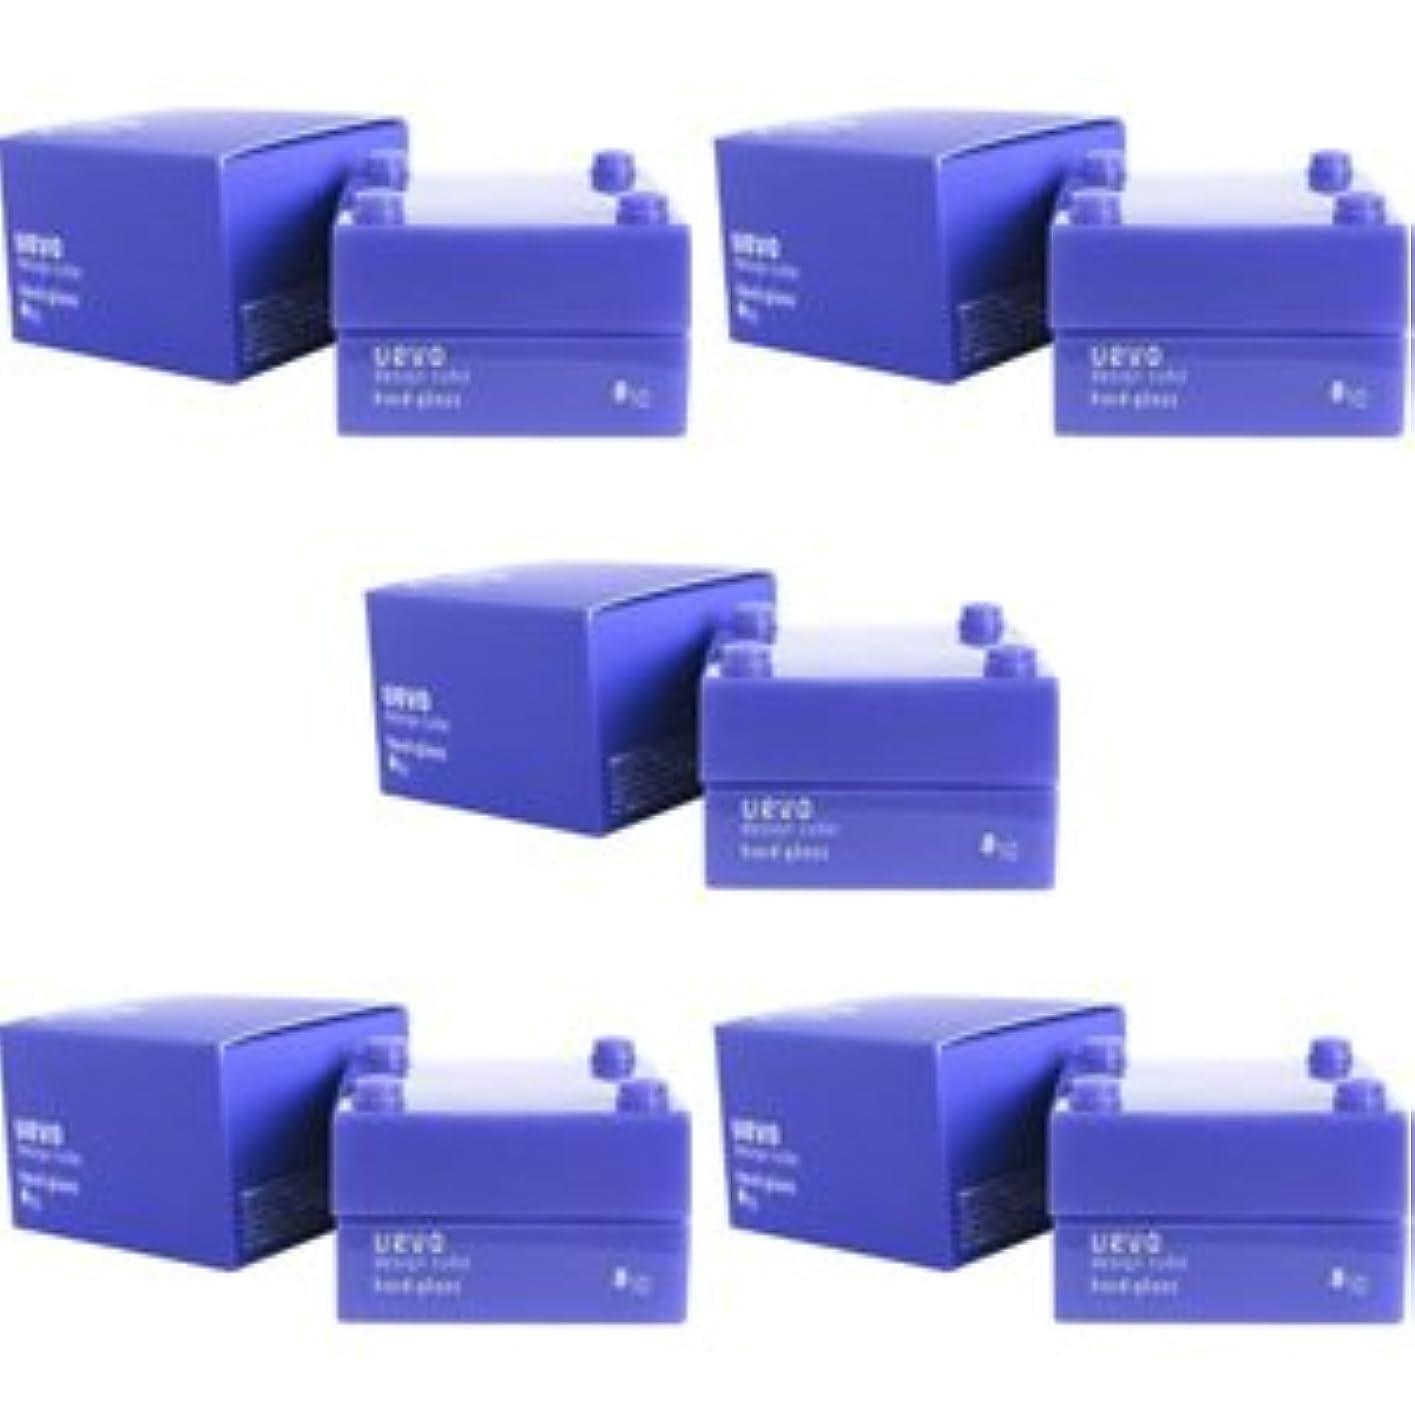 耕す比喩敏感な【X5個セット】 デミ ウェーボ デザインキューブ ハードグロス 30g hard gloss DEMI uevo design cube